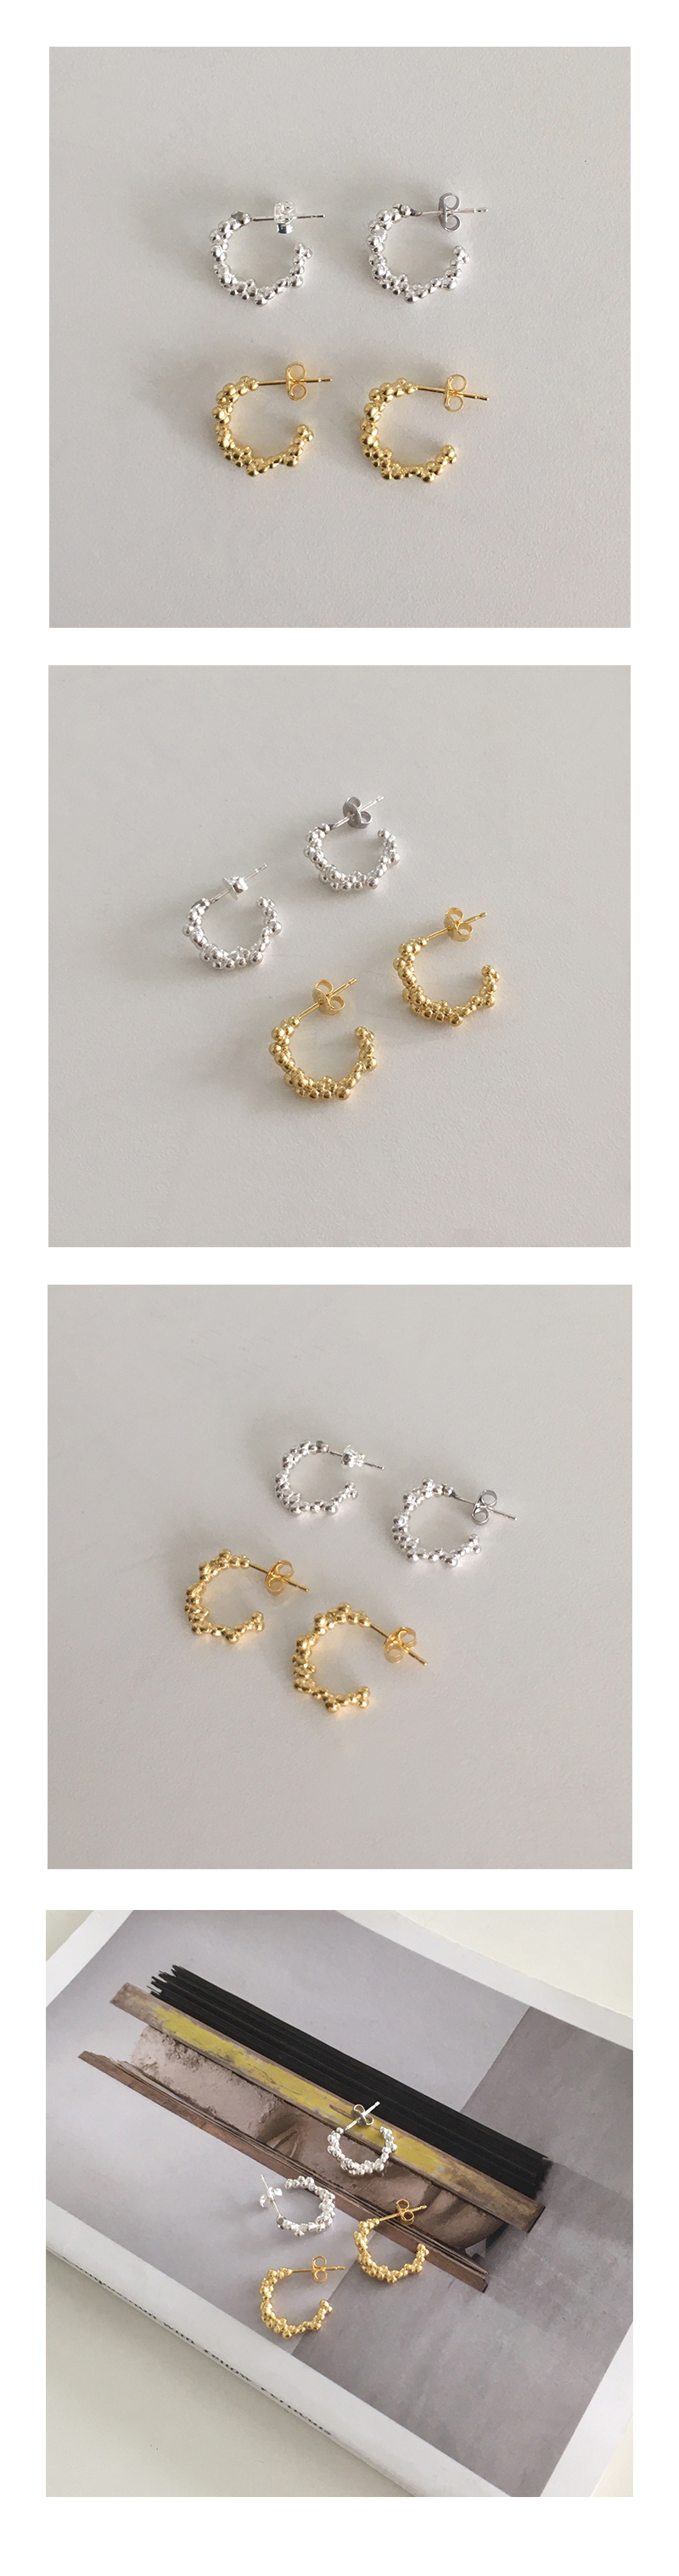 soap bubbles earring